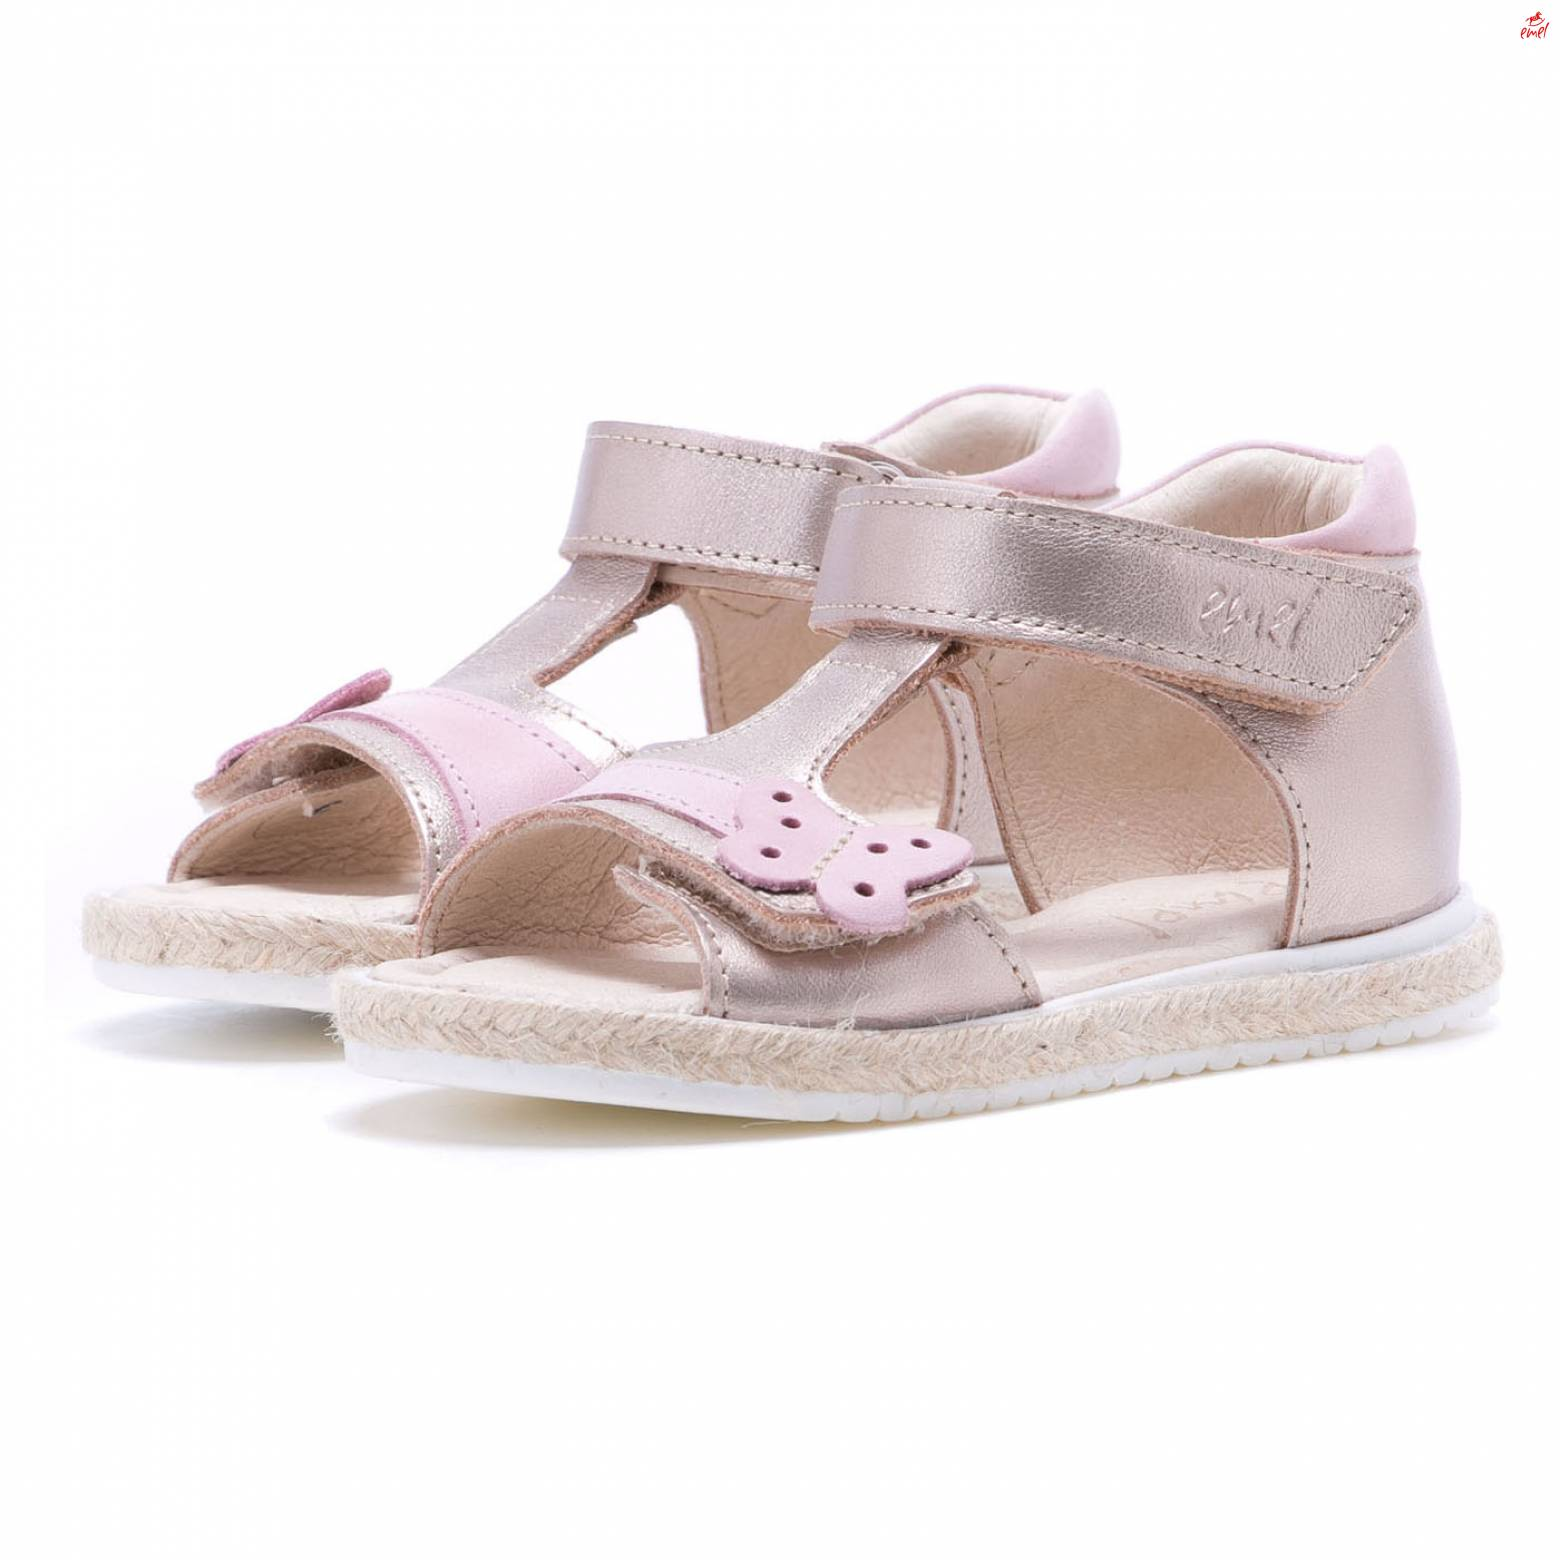 be197a450d8f3 EMEL sandały dla dziewczynki e2637-8 złoto, r. 24 - 7353571847 ...